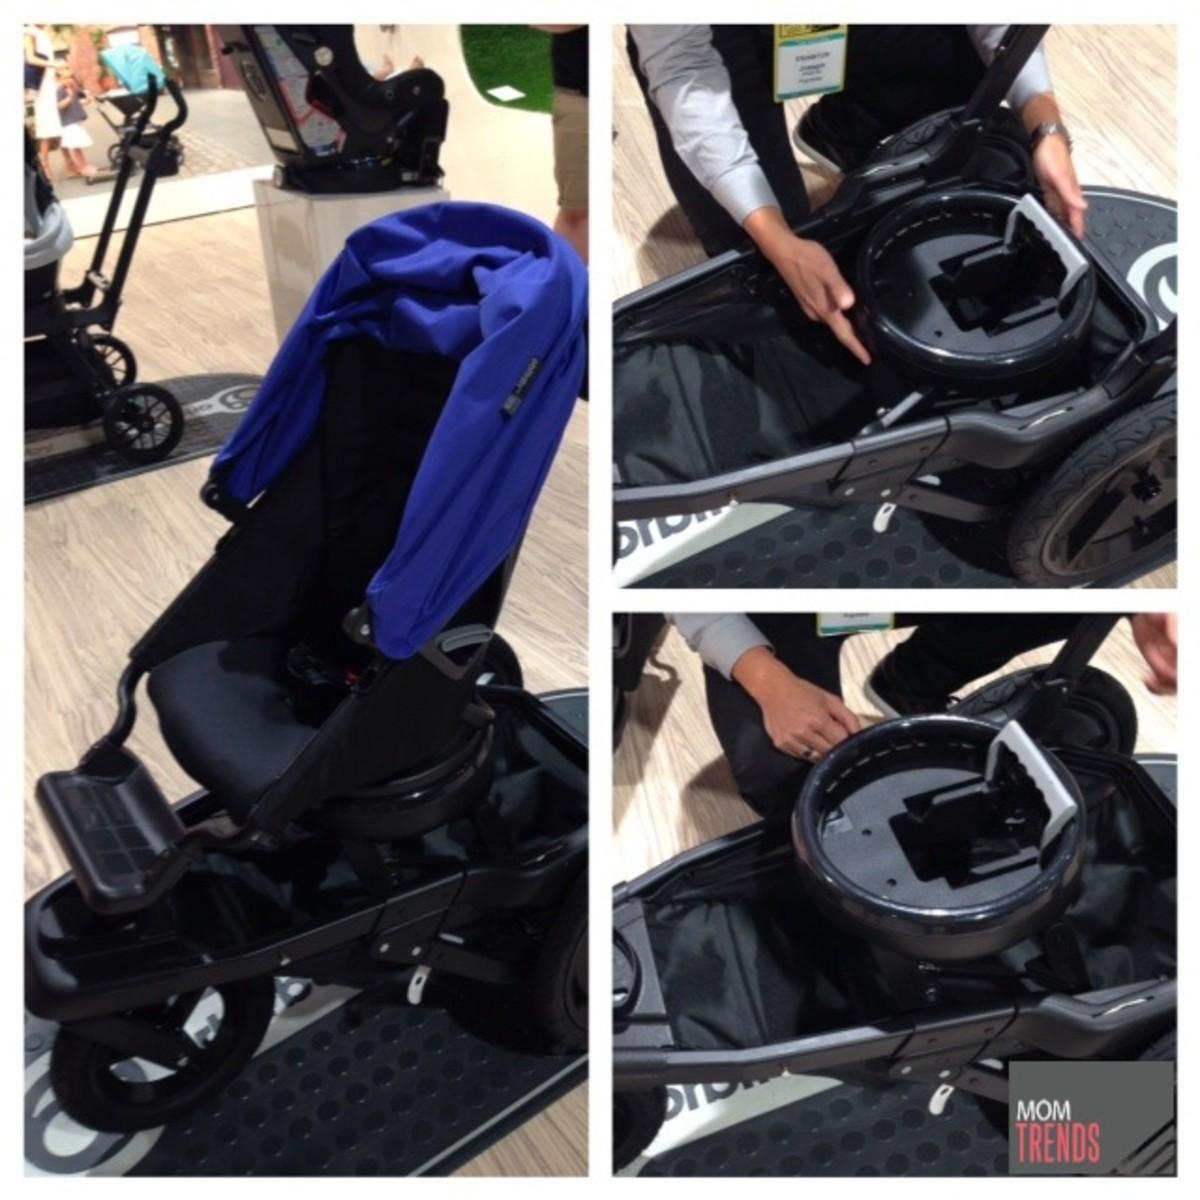 Orbit O2 stroller